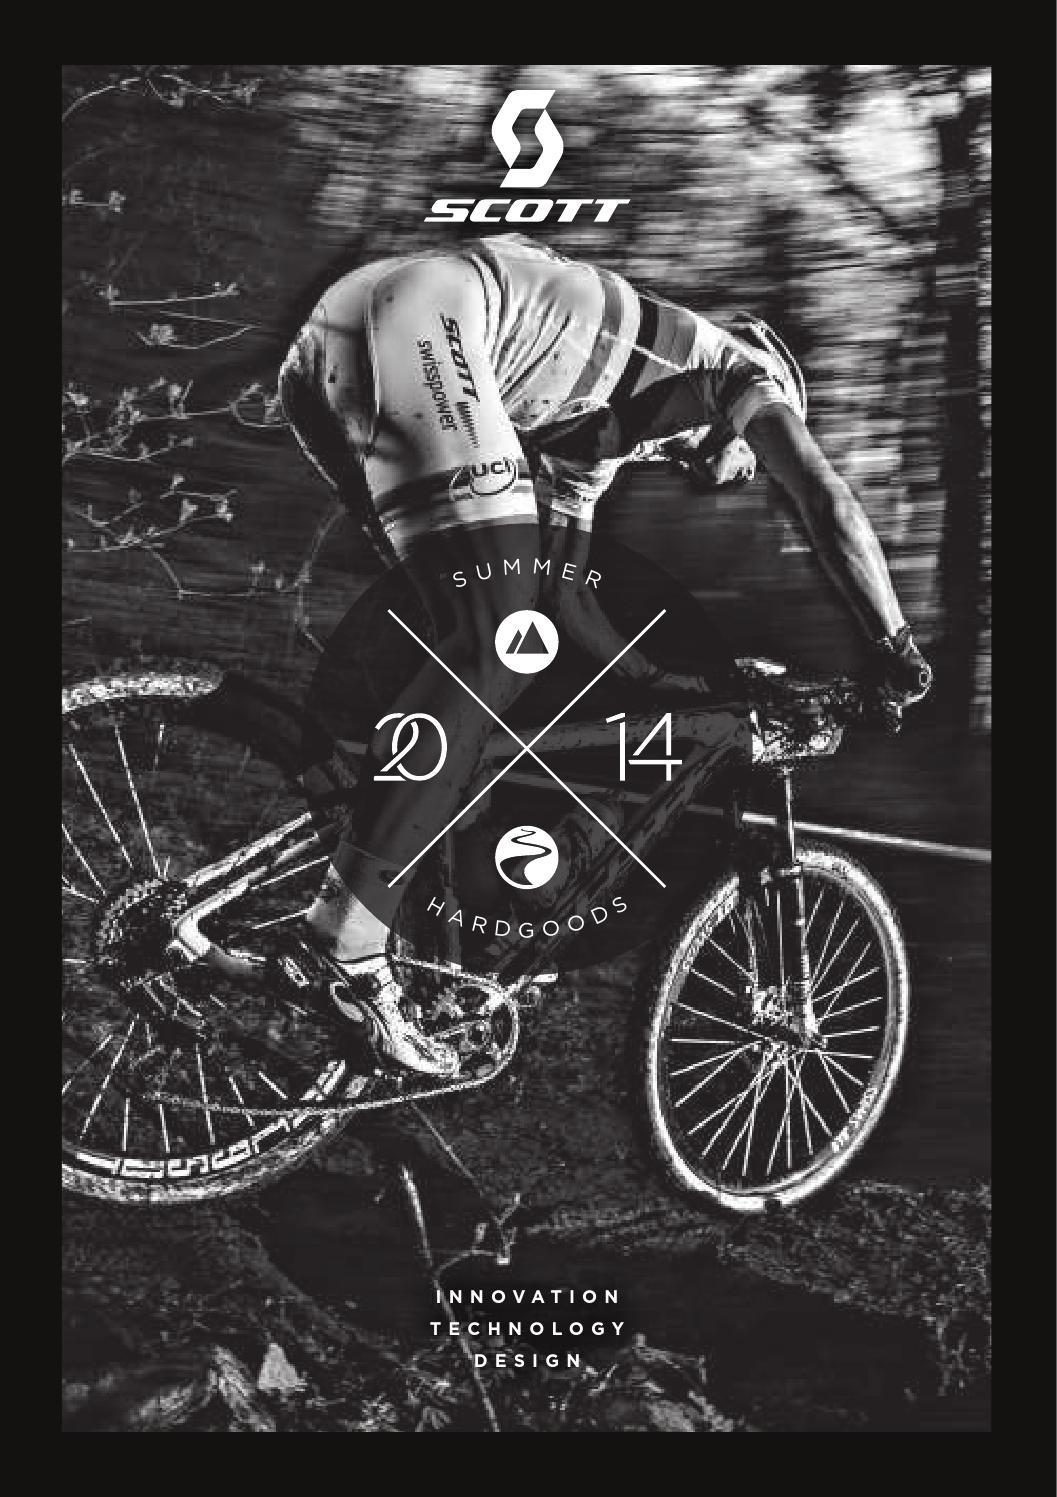 Bike Schutzausrüstung Kettenstrebenschutz GT Bycicle Rot Chain Protection